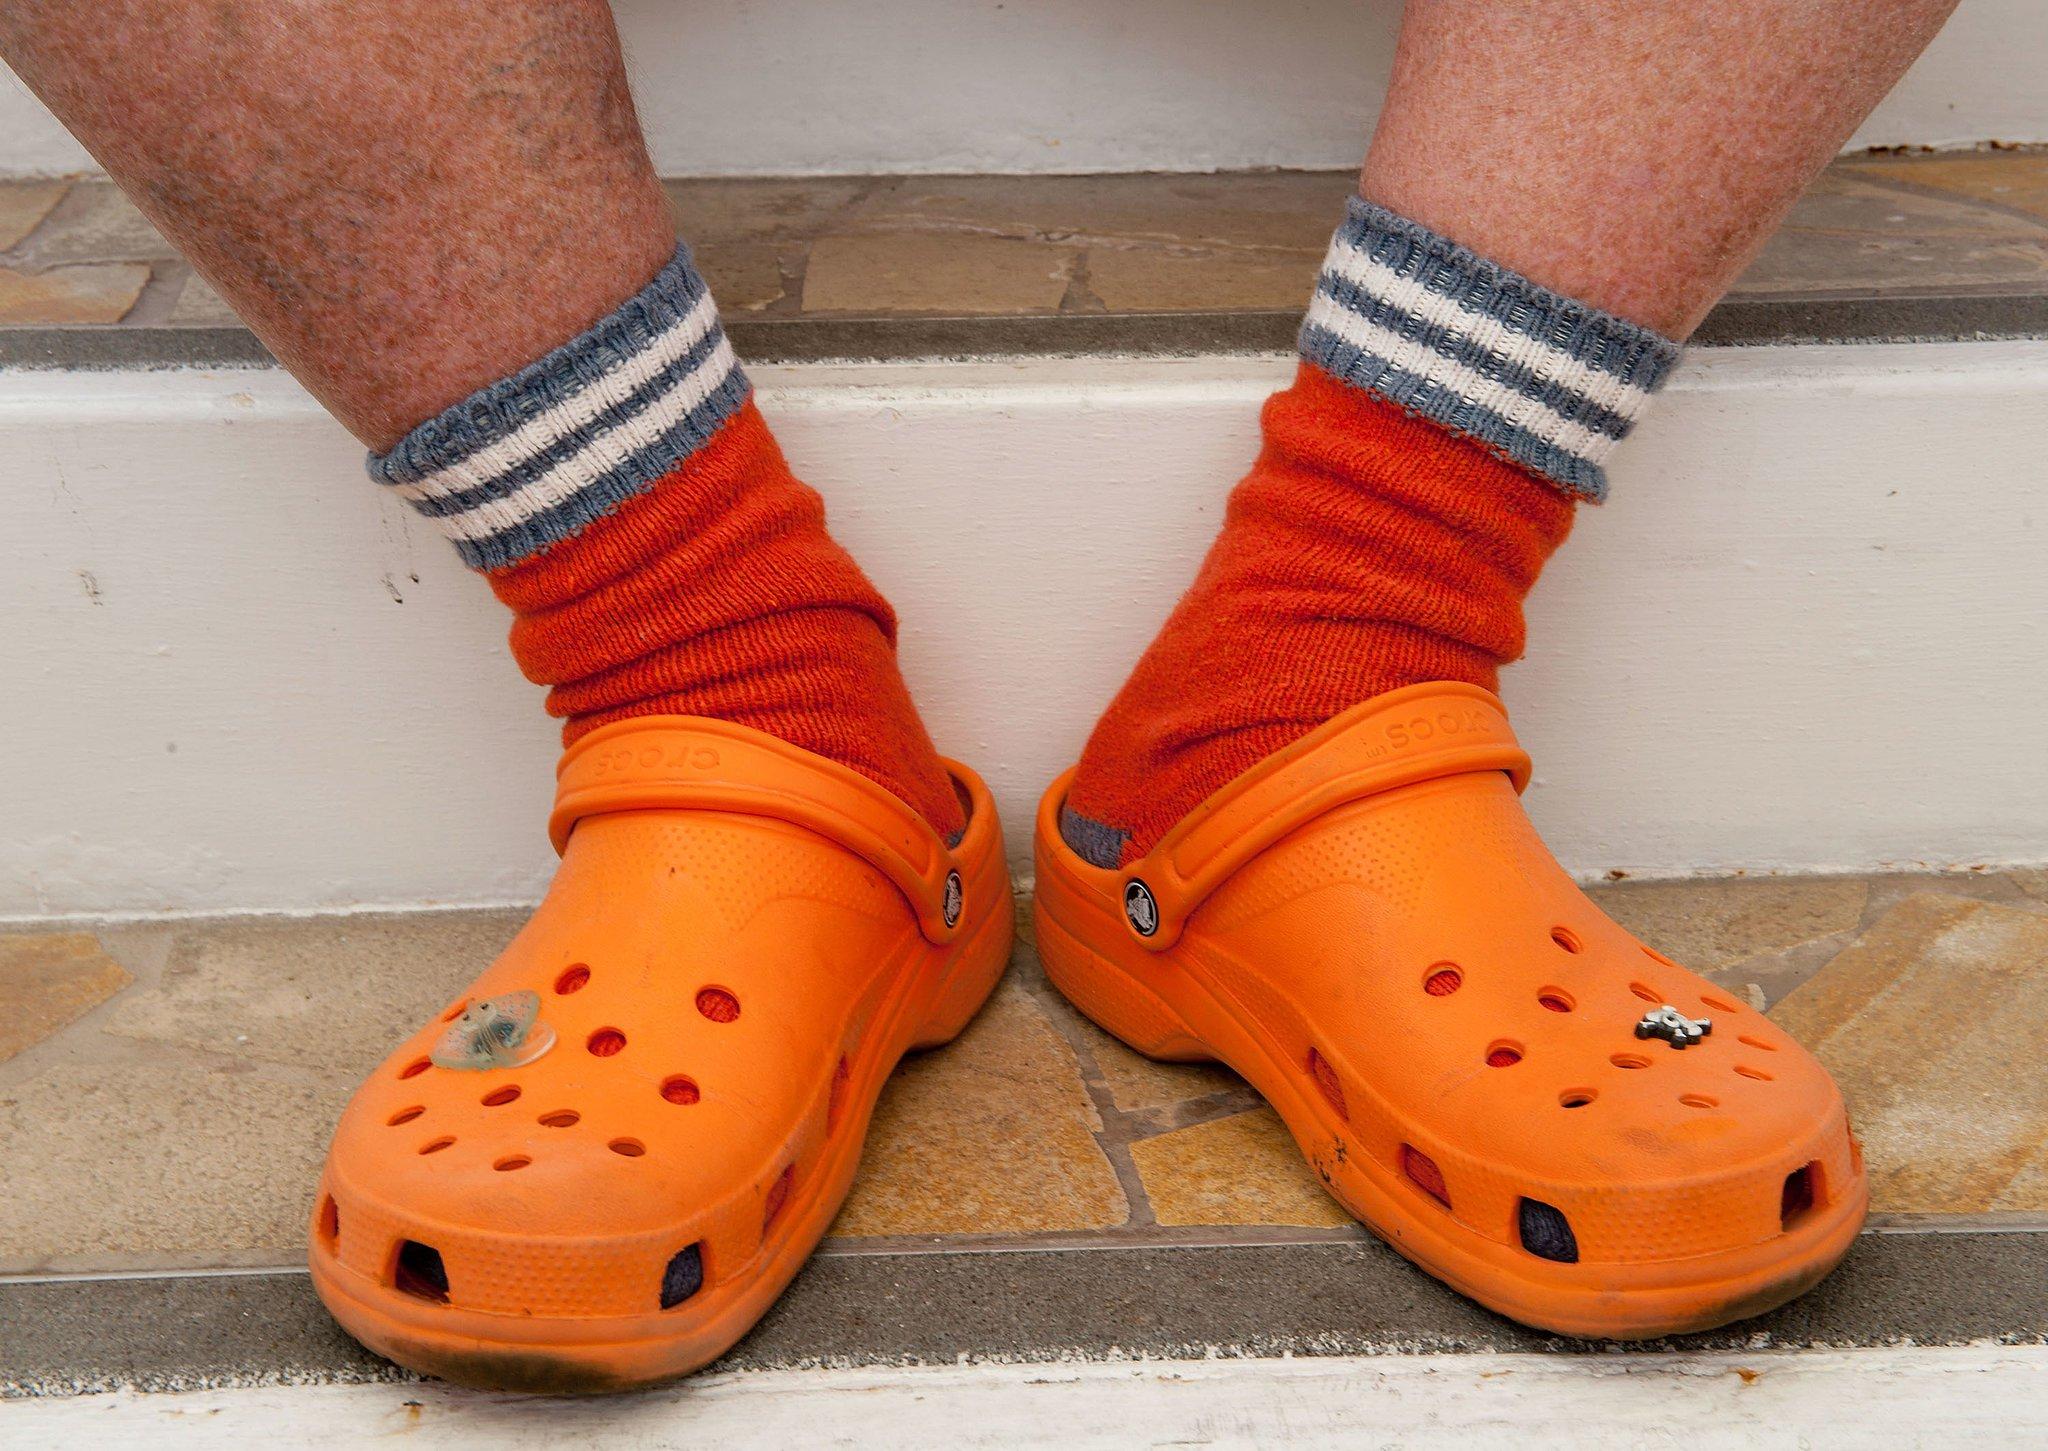 """Ja """"CROCS"""" arī ir vieni no taviem iemīļotākajiem apaviem, pievērs uzmanību šim rakstam"""